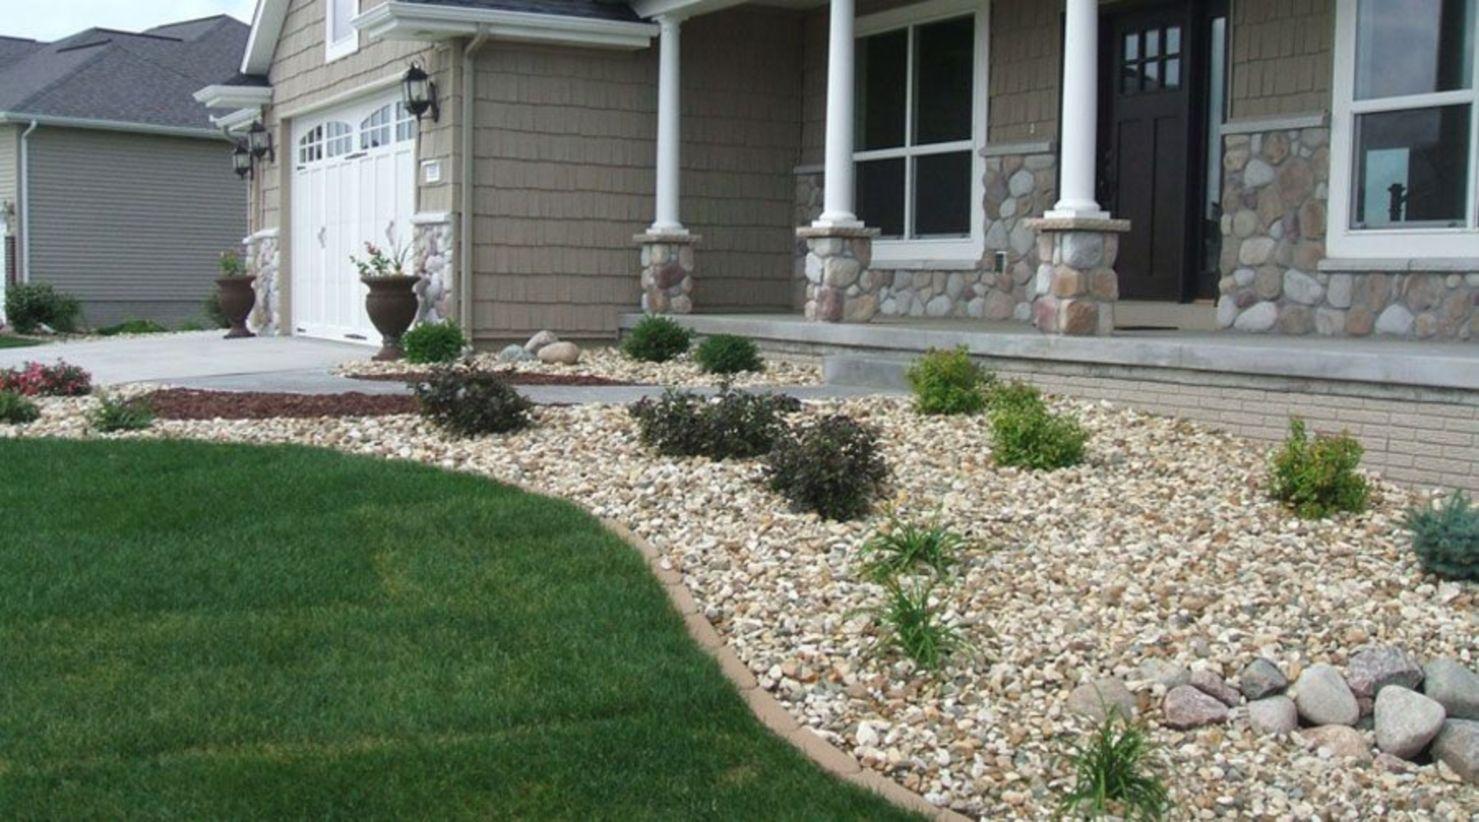 53 Great Front Yard Rock Garden Ideas Landscaping around